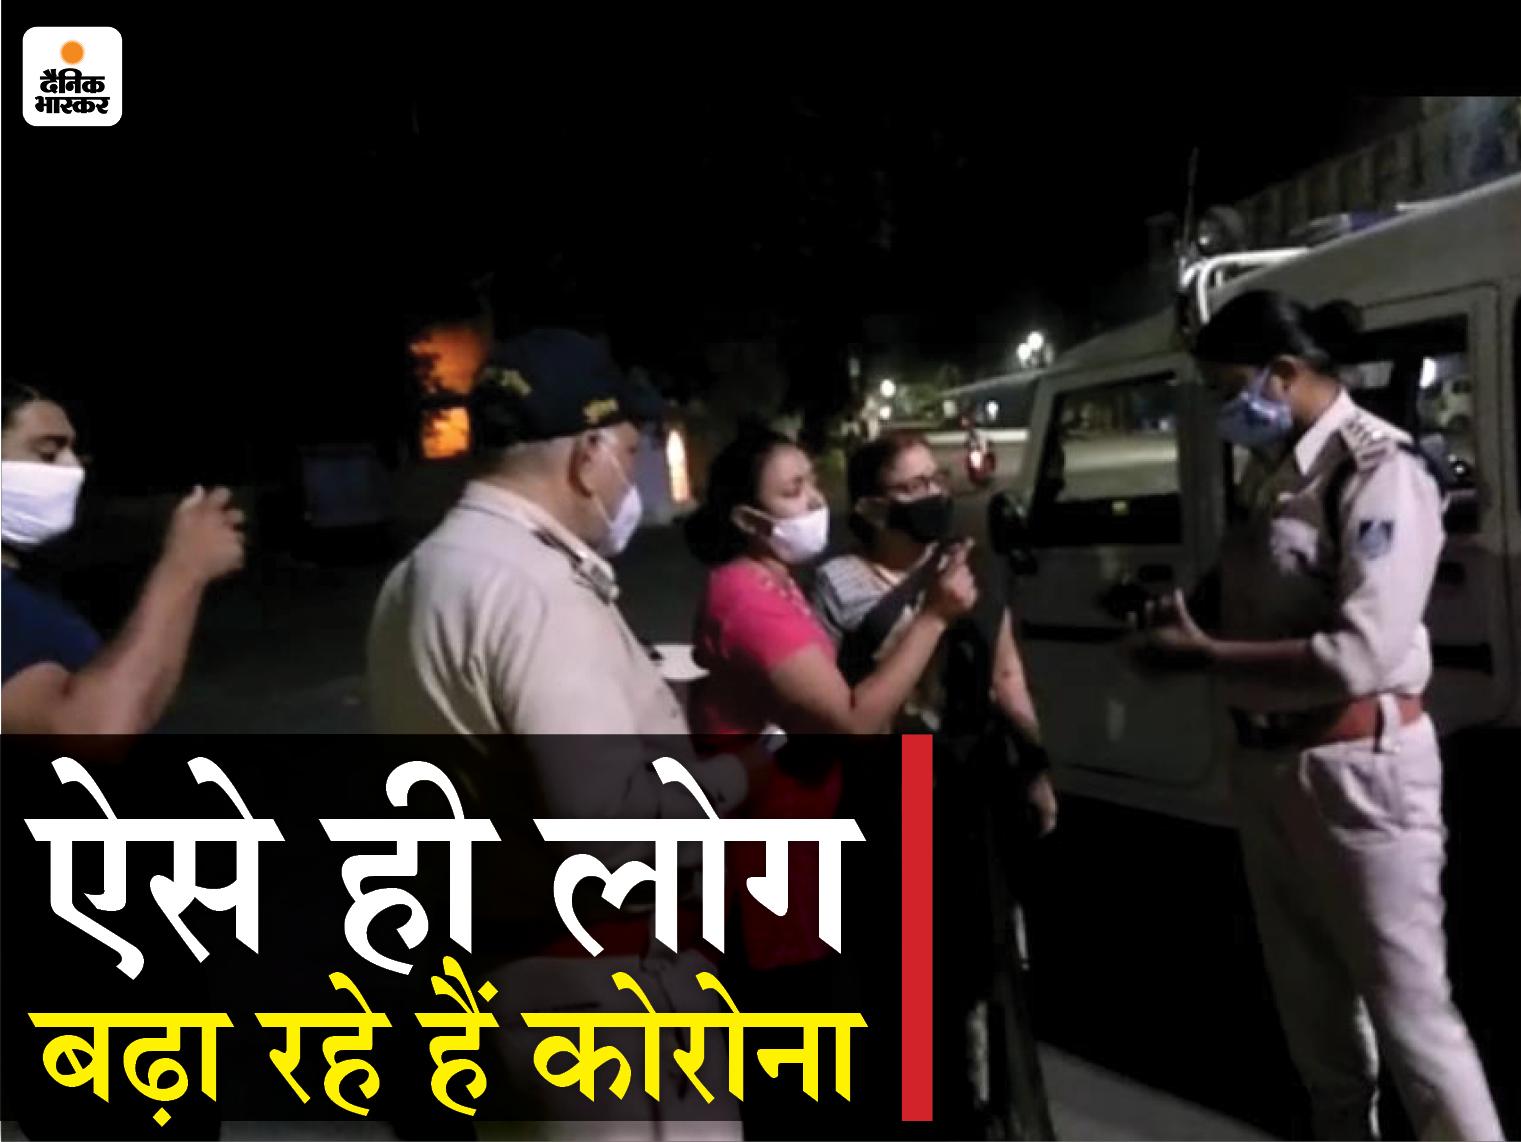 TI ने कहा- हाथ जोड़ती हूं चले जाओ, युवती बोली- पैर भी पड़ लो, पूरे परिवार पर केस दर्ज, दूसरी घटना में कांस्टेबल को पीटा|जबलपुर,Jabalpur - Dainik Bhaskar